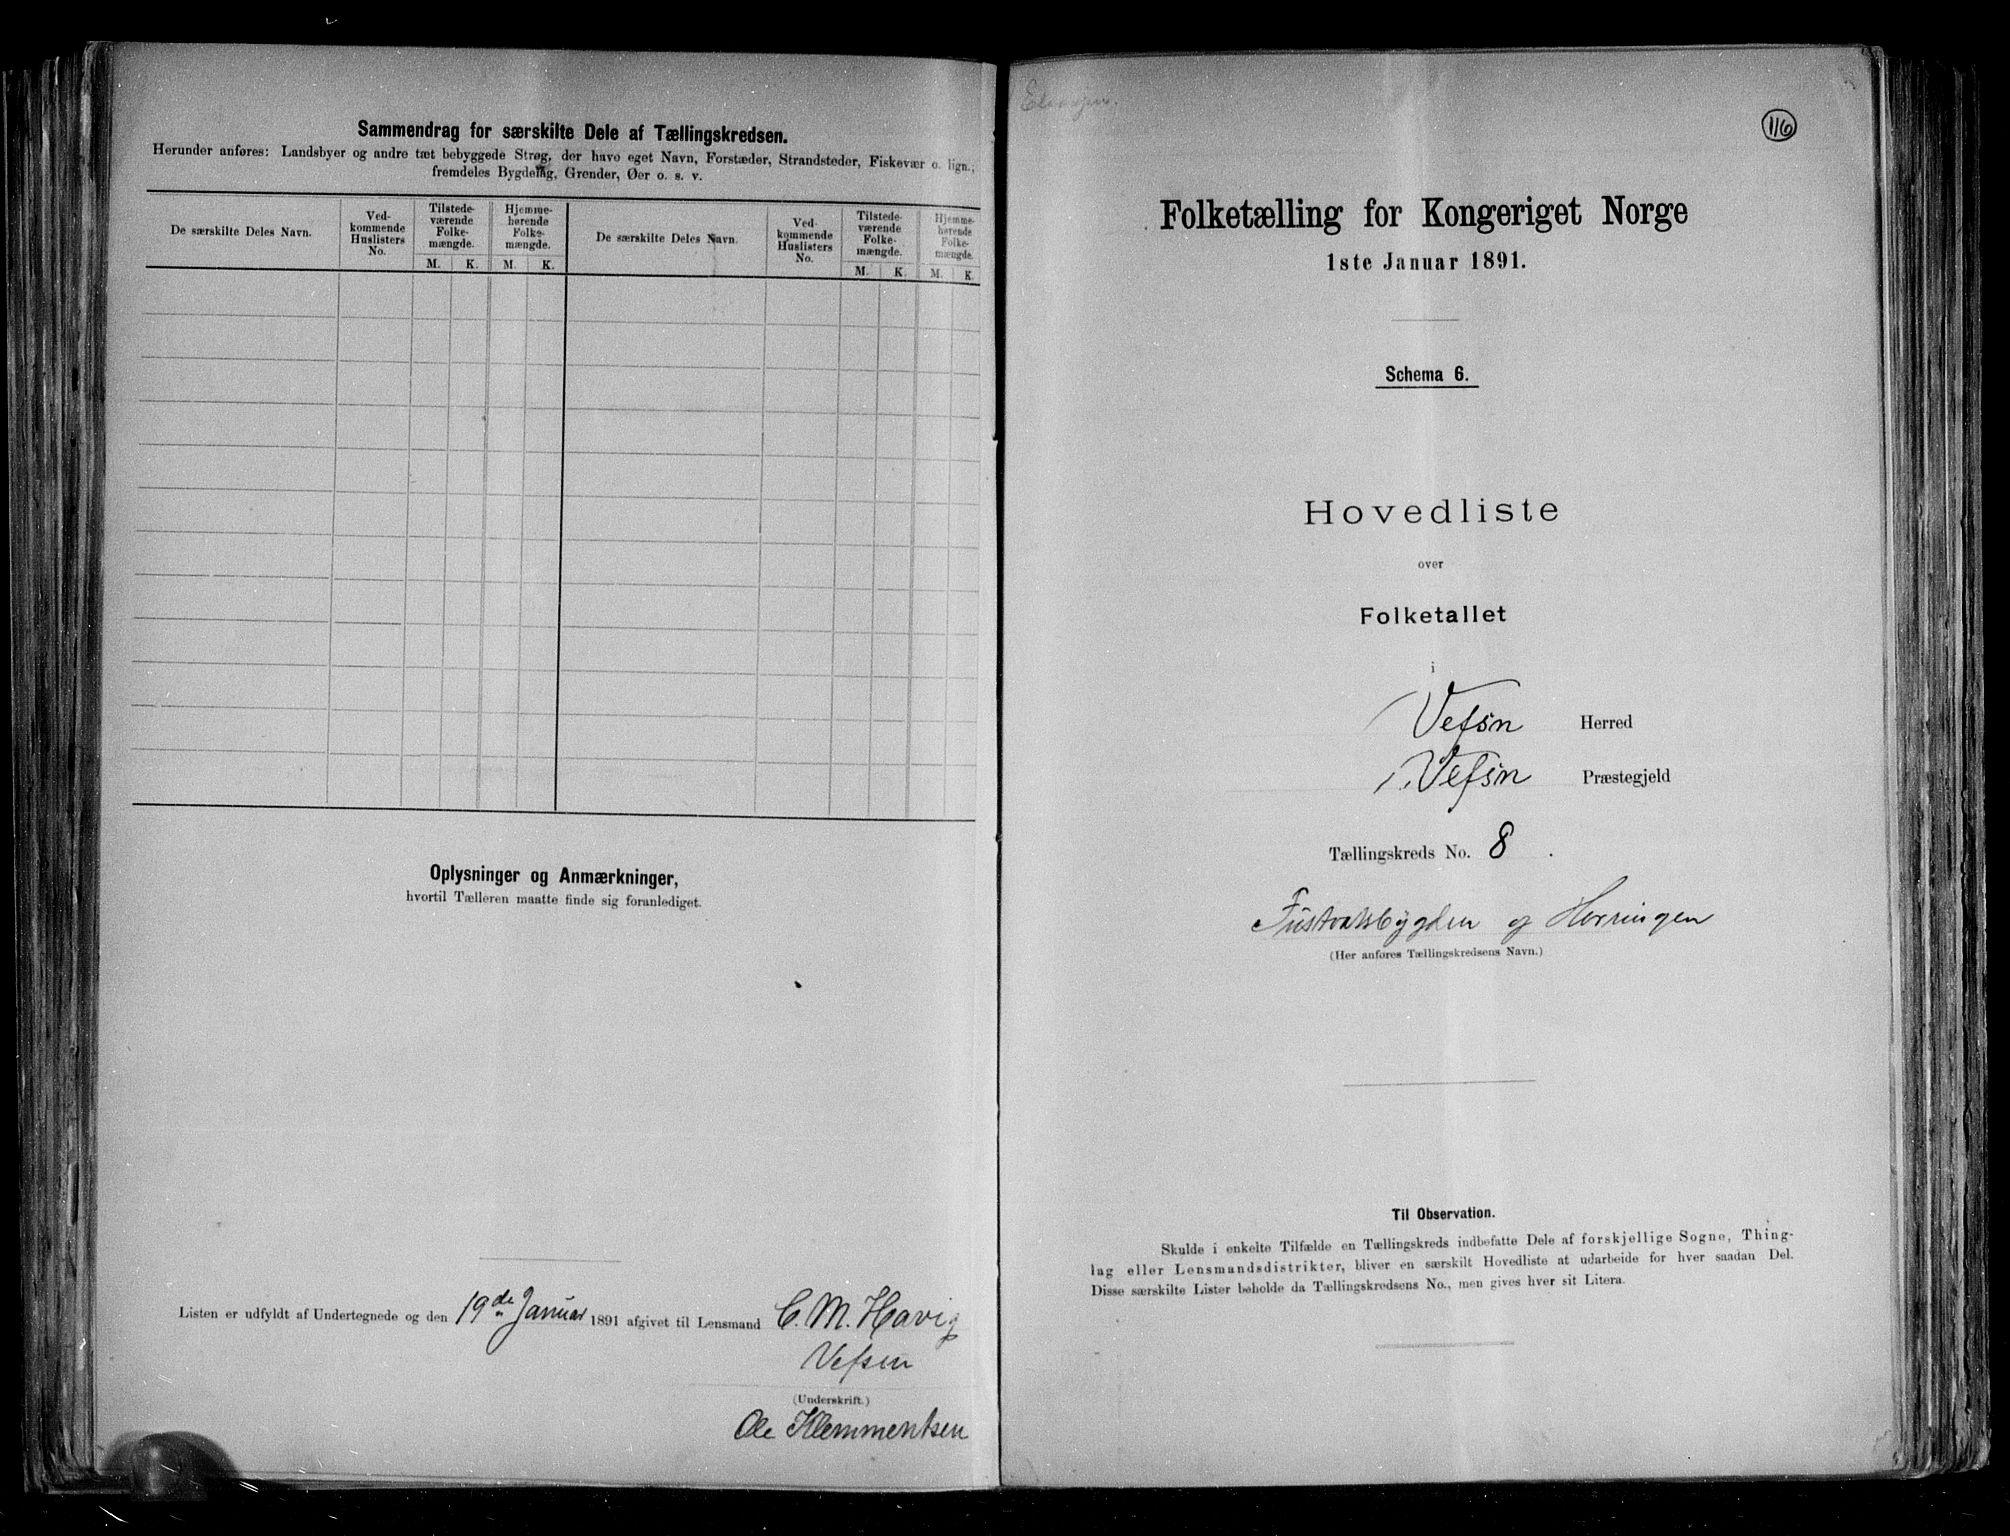 RA, Folketelling 1891 for 1824 Vefsn herred, 1891, s. 21